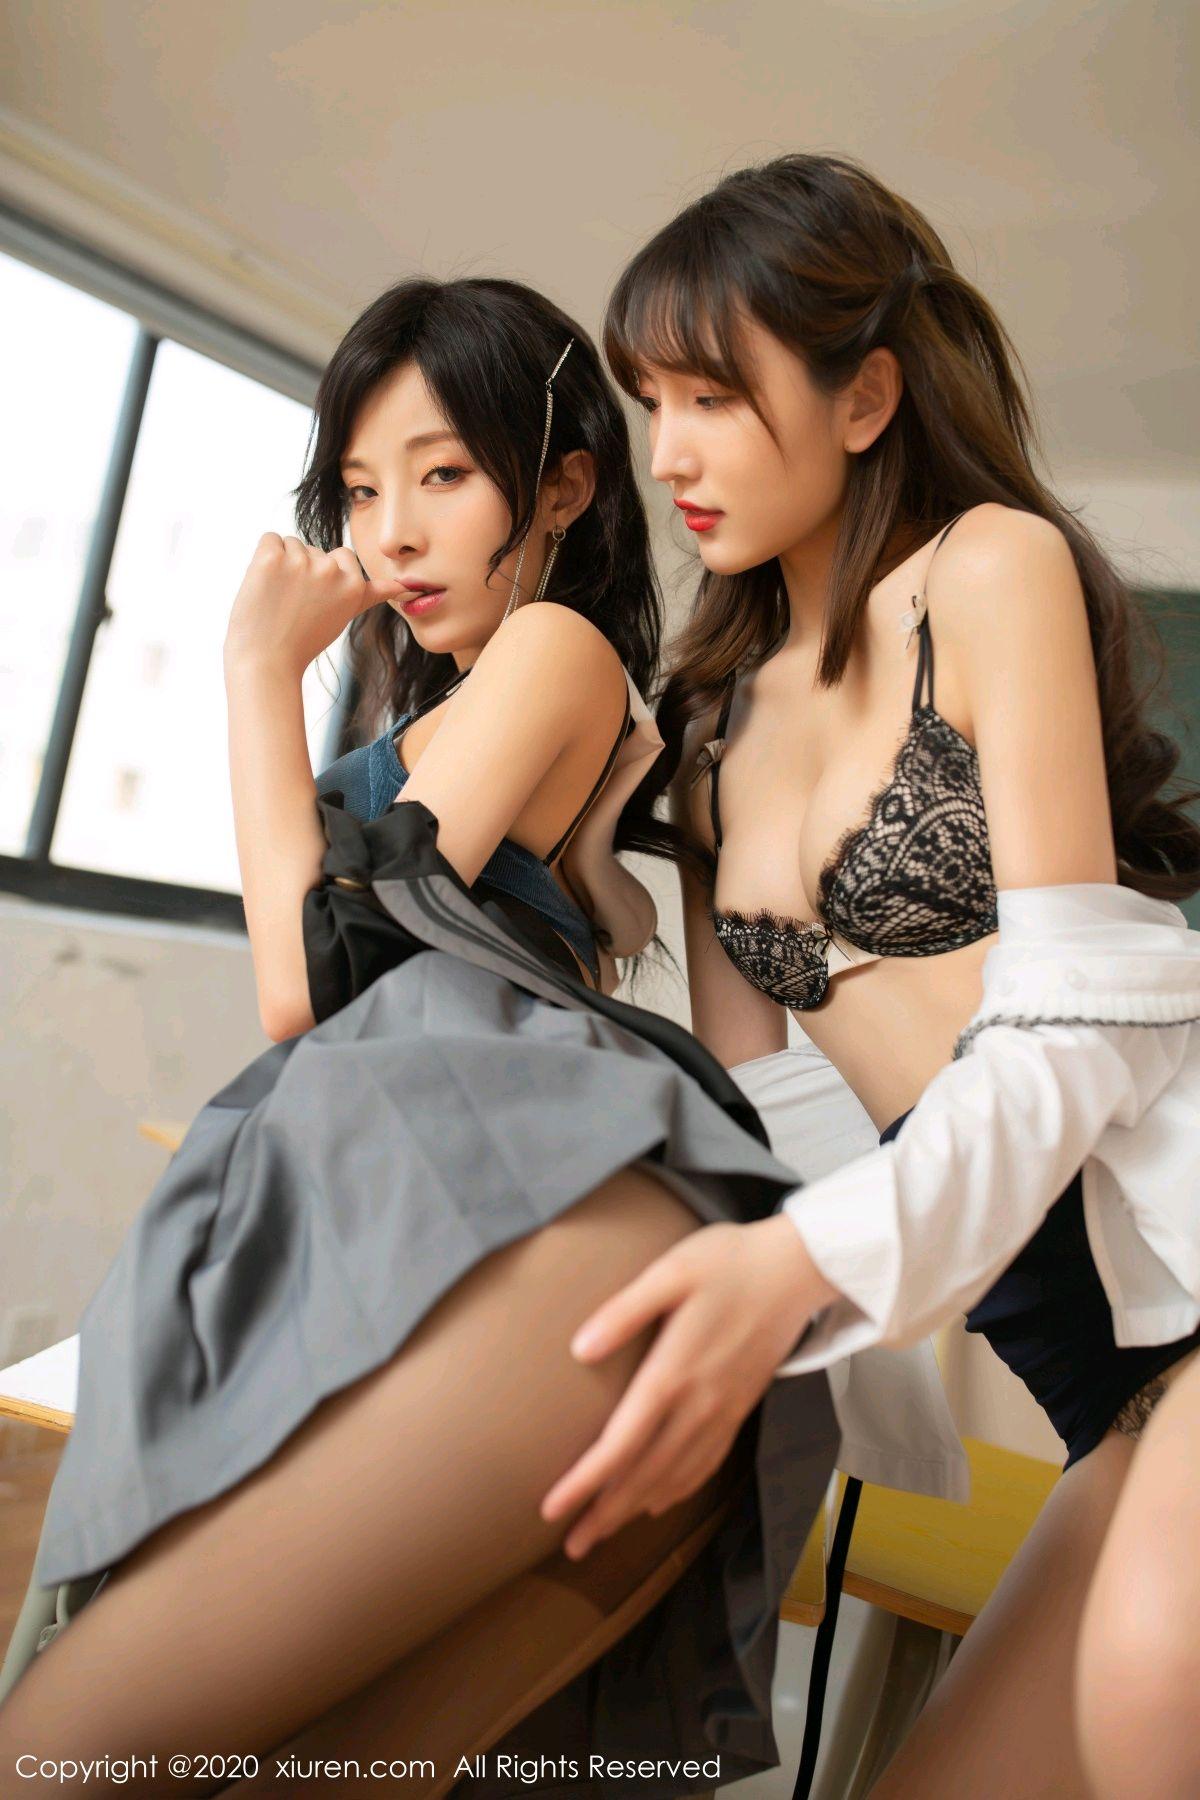 [XiuRen] Vol.2420 Chen Xiao Miao and Lu Xuan Xuan 64P, Chen Xiao Miao, Lu Xuan Xuan, School Uniform, Sisters, Xiuren